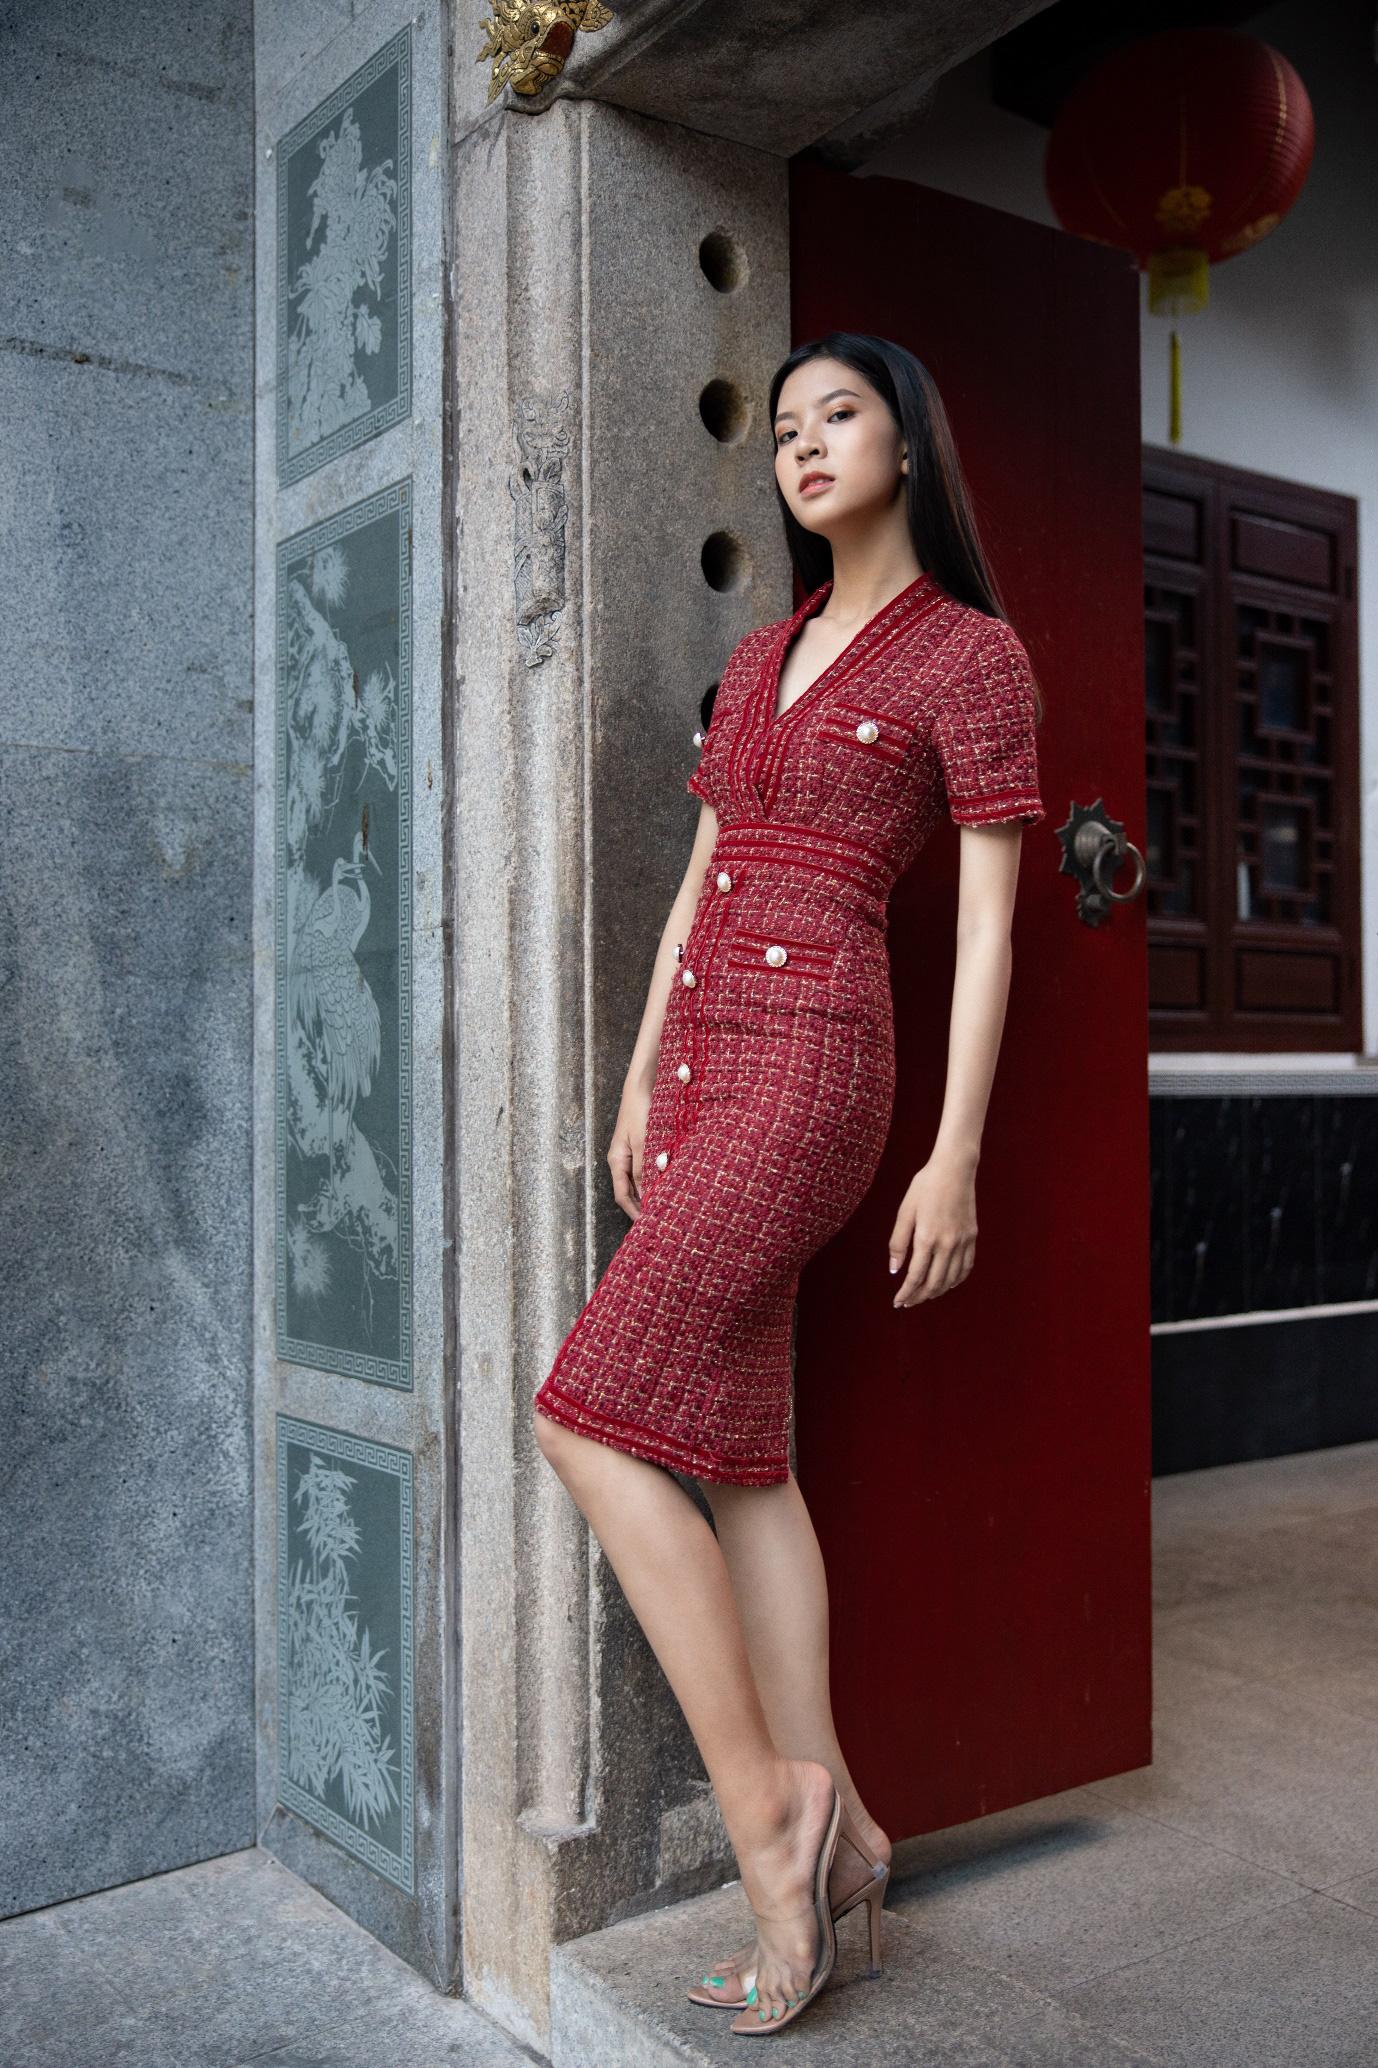 Gợi ý 8 mẫu váy đỏ đẹp cực phẩm, biến nàng trở thành tiêu điểm từ tiệc tất niên cho tới buổi du xuân đầu năm - Ảnh 5.